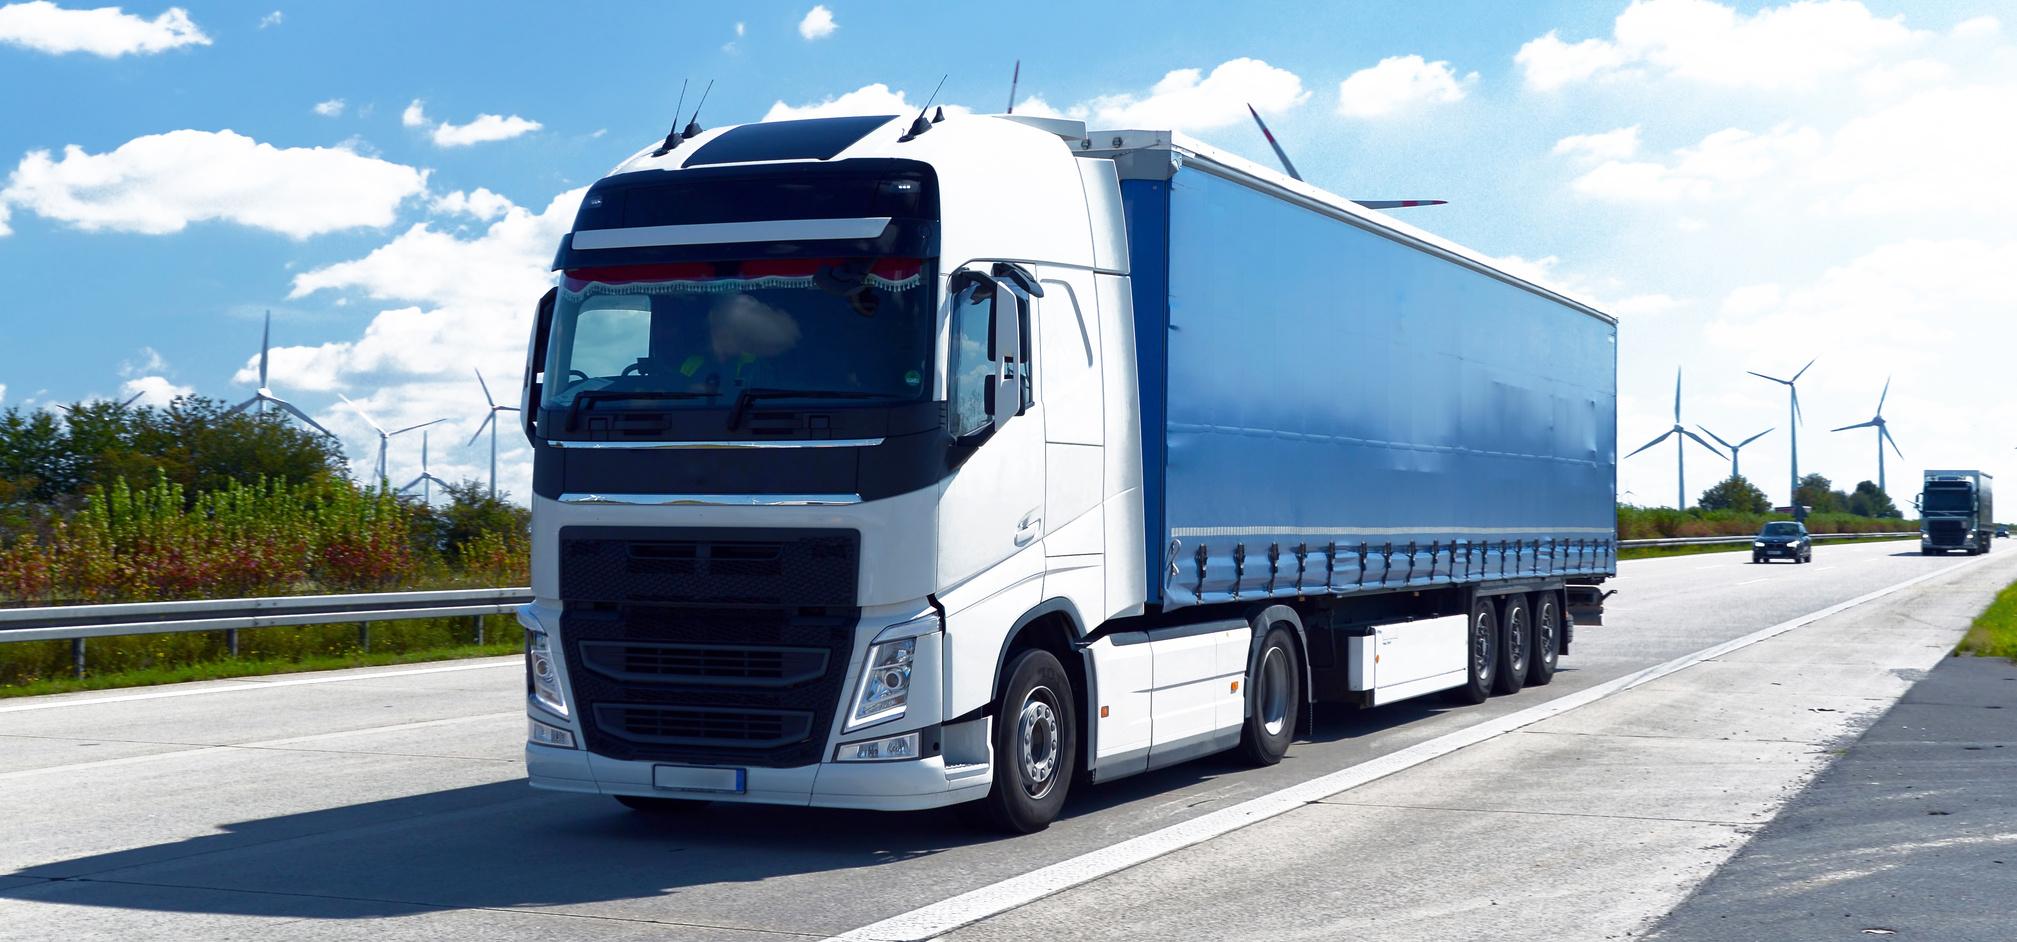 Toldos embarcaciones for Toldos para camiones